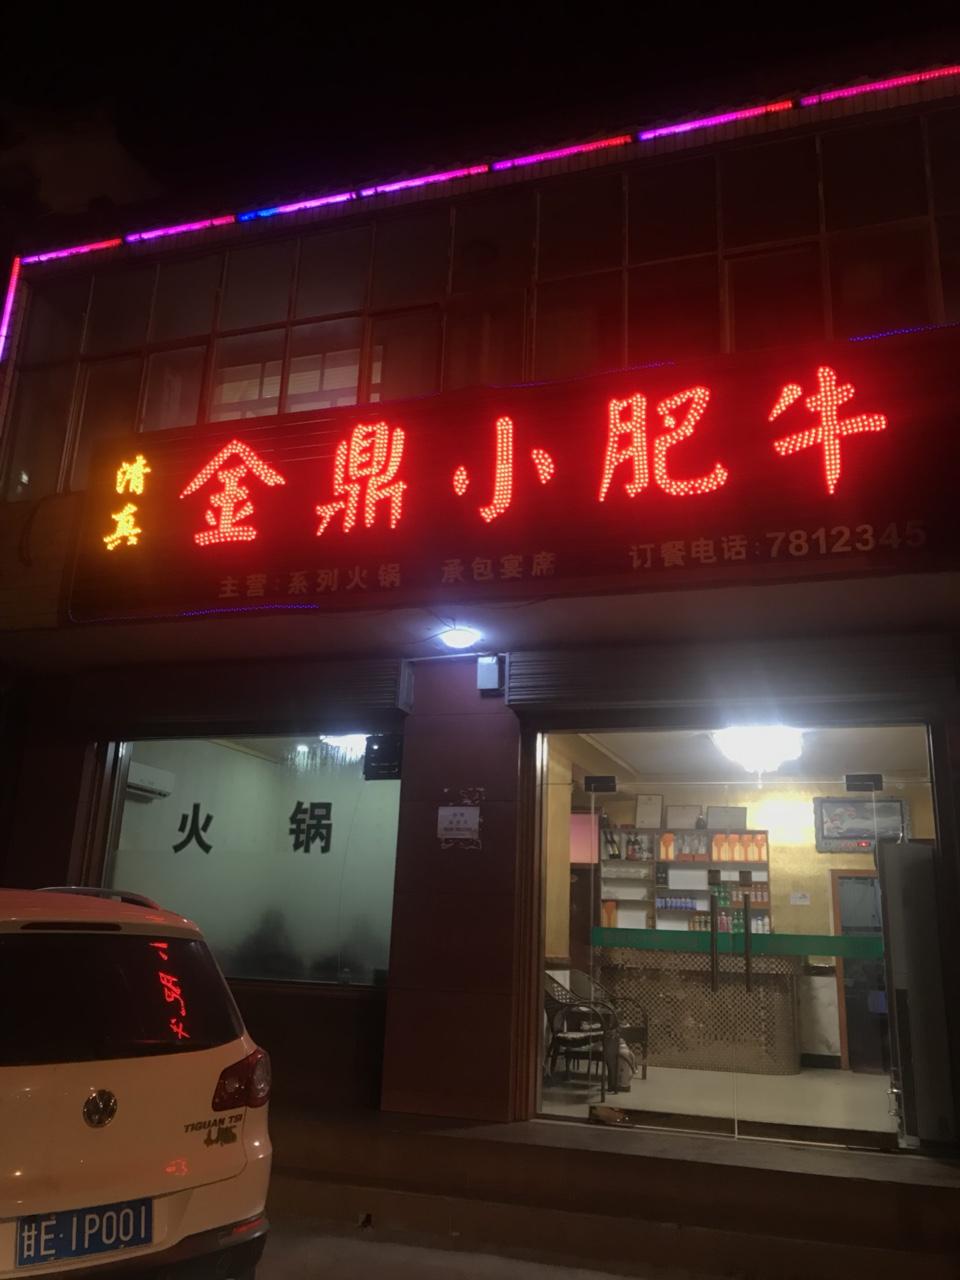 【舌尖上的张家川】张家川在线走进金鼎小肥牛品尝传统老火锅